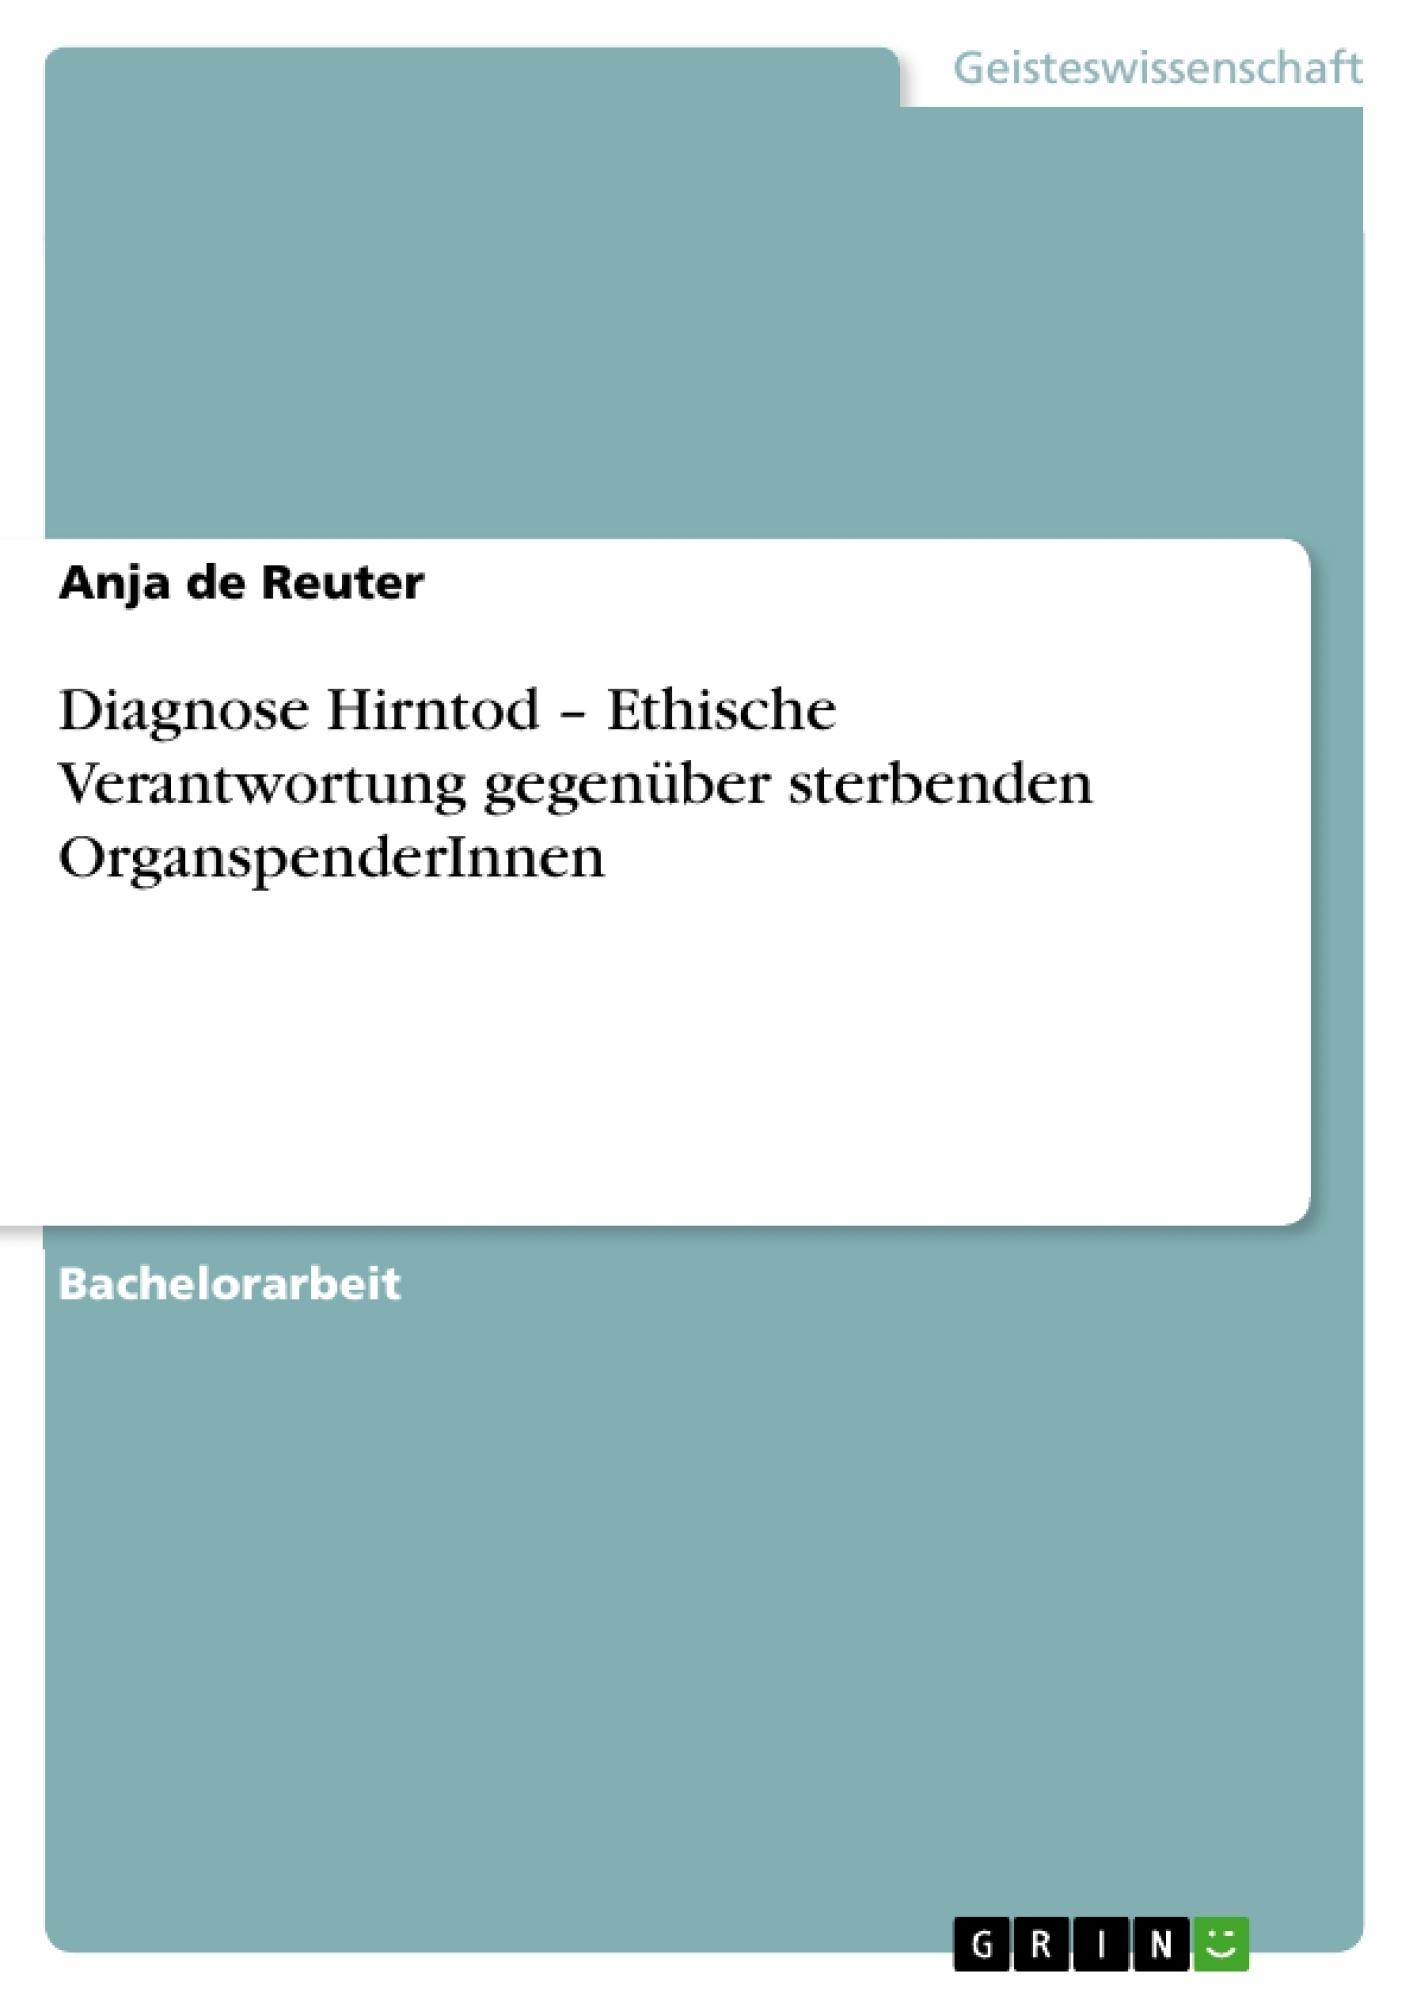 Titel: Diagnose Hirntod – Ethische Verantwortung gegenüber sterbenden OrganspenderInnen